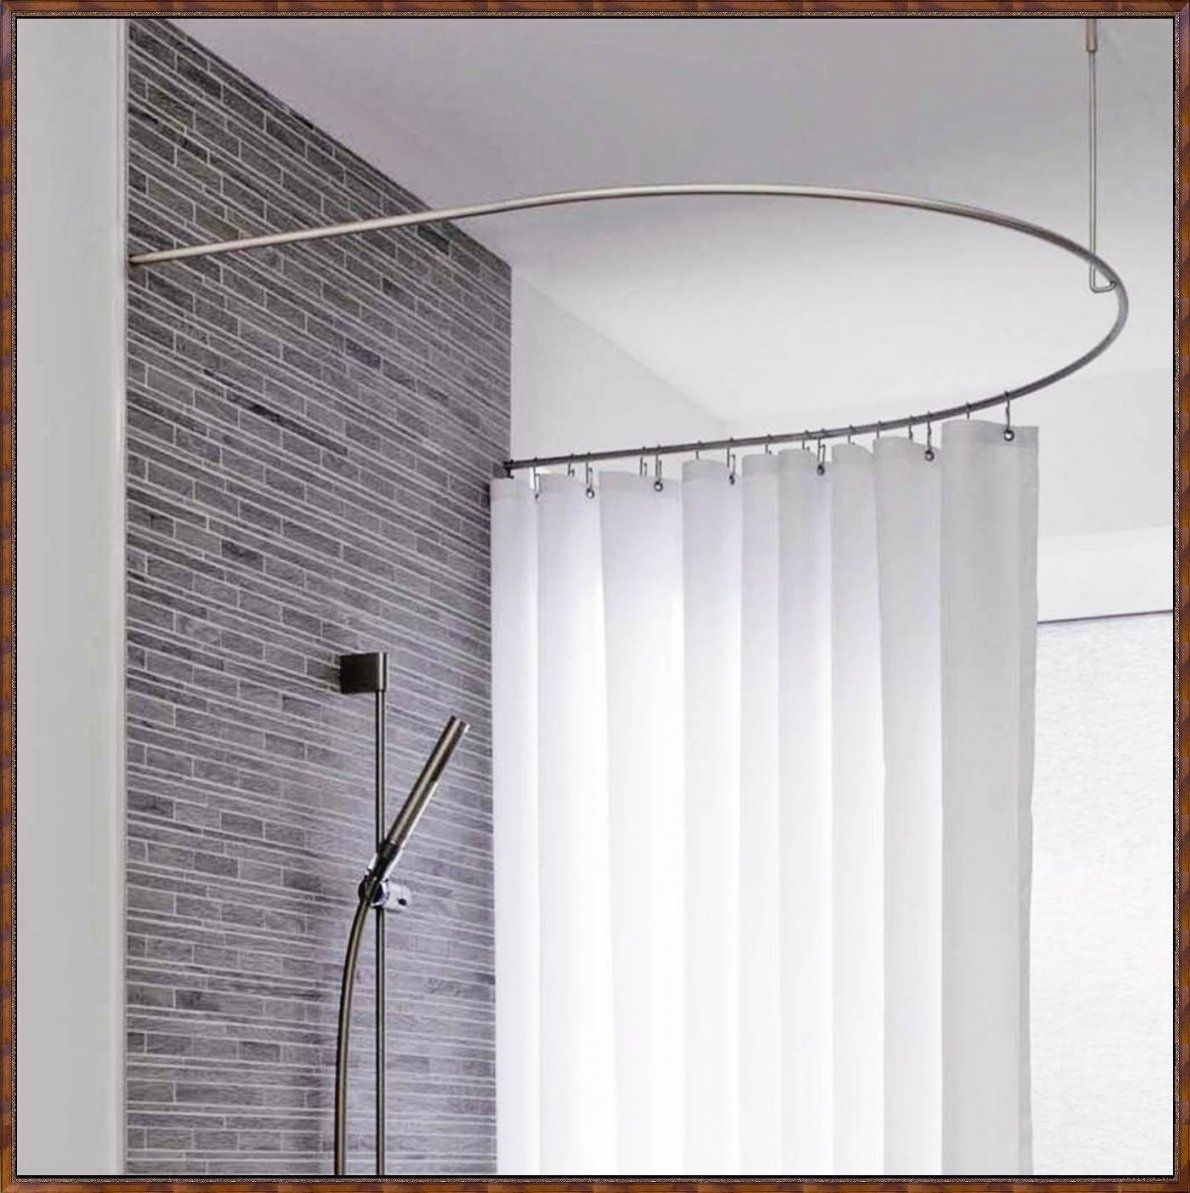 Einzigartig Duschvorhang Halterung Badewanne Von Duschvorhang Halterung Fur Badewanne Bild Duschvorhang Halterung Duschvorhang Dusche